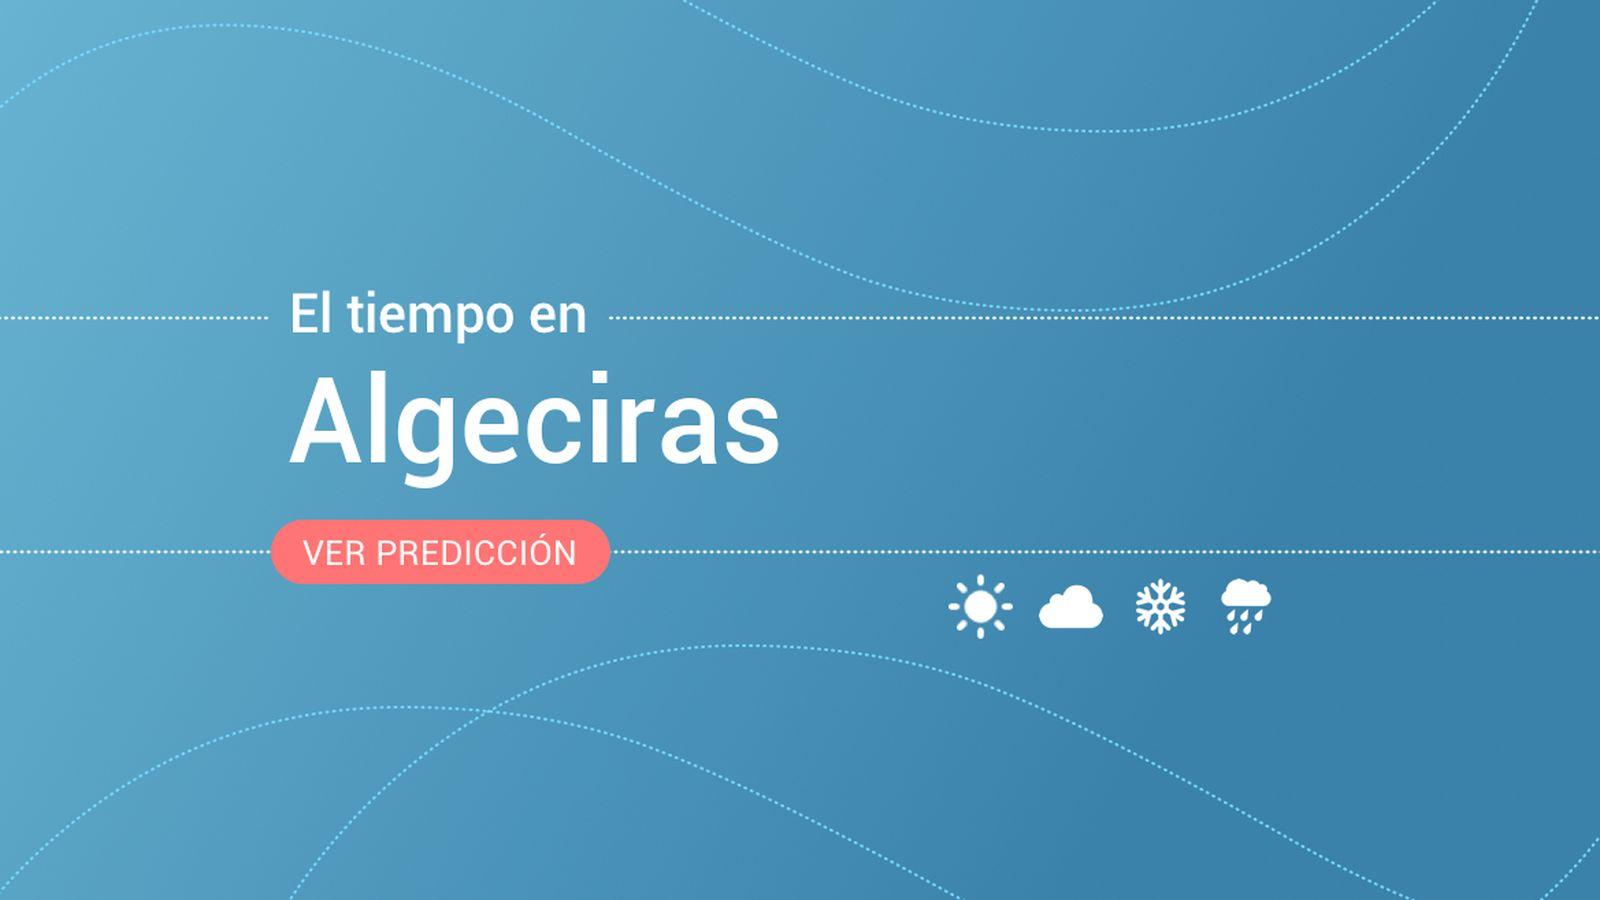 Foto: El tiempo en Algeciras. (EC)